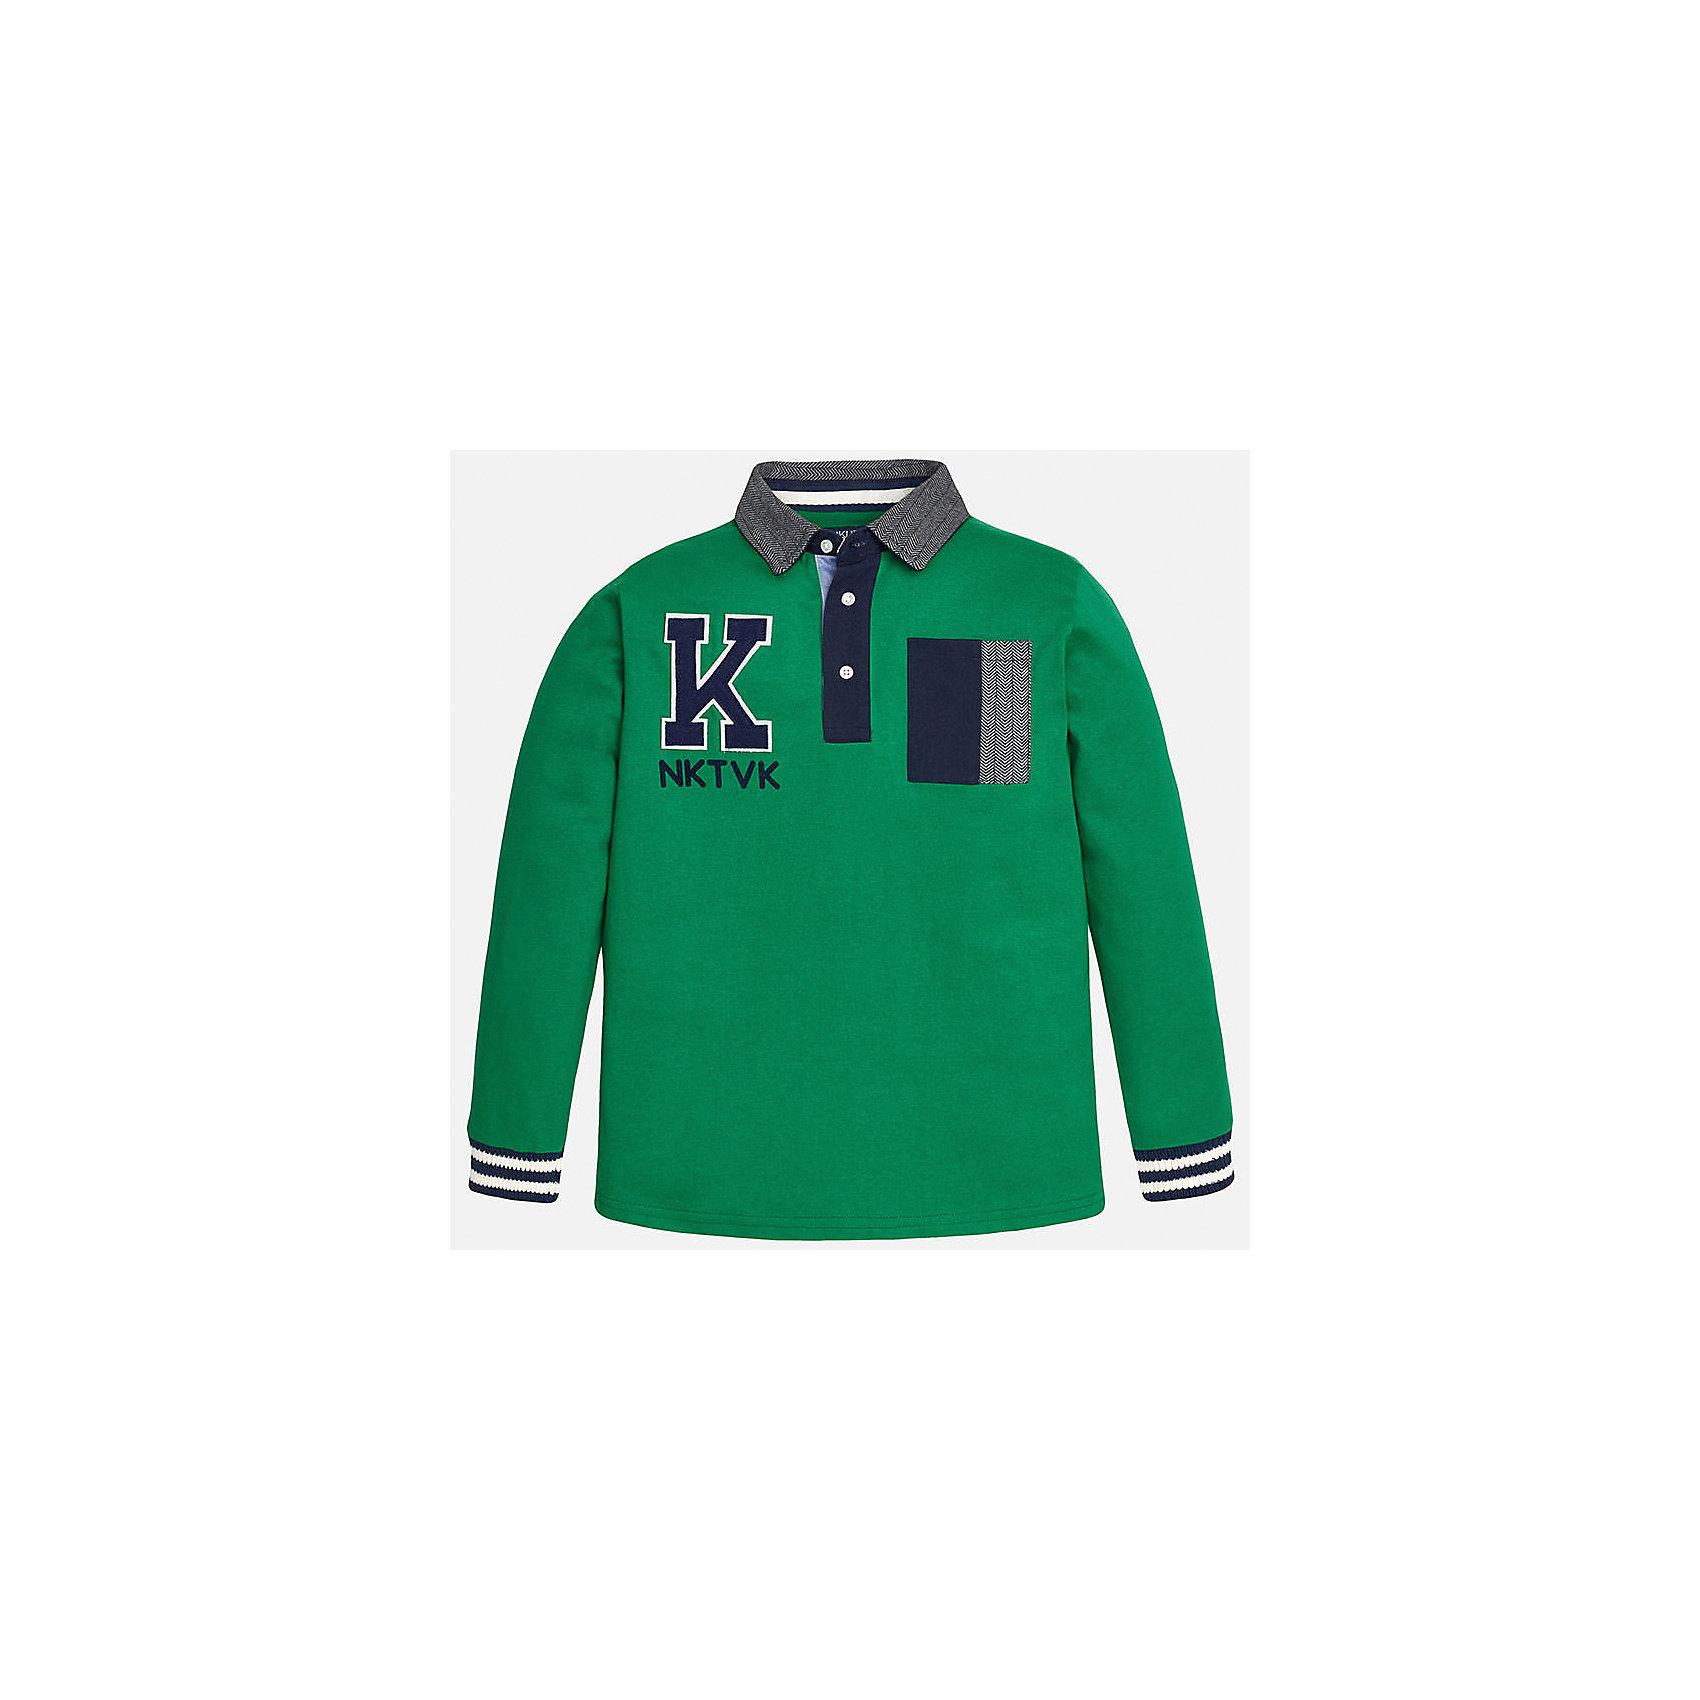 Рубашка-поло для мальчика MayoralРубашка-поло для мальчика от известного испанского бренда Mayoral (Майорал). Эта стильная и удобная хлопковая рубашка с длинным рукавом придет по вкусу вашему моднику. Яркий зеленый цвет отлично сочетается с деталями отделки темно-синего цвета. Пестрый откидной воротничок имеет тот же стиль, что и кармашек на груди. Нашивка на лицевой стороне повторяет вышитые буквы на спине. У рубашки свободный прямой крой, рукава заканчиваются полосатыми трикотажными резинками. Отличное пополнение для сезона осень-зима. К этой рубашке подойдут как джинсы, так и штаны спортивного кроя. <br><br>Дополнительная информация:<br><br>- Силуэт: прямой<br>- Рукав: длинный<br>- Длина: средняя<br><br>Состав: 100% хлопок <br><br>Рубашка-поло для мальчика Mayoral (Майорал) можно купить в нашем интернет-магазине.<br><br>Подробнее:<br>• Для детей в возрасте: от 8 до 16 лет<br>• Номер товара: 4826800<br>Страна производитель: Индия<br><br>Ширина мм: 174<br>Глубина мм: 10<br>Высота мм: 169<br>Вес г: 157<br>Цвет: разноцветный<br>Возраст от месяцев: 96<br>Возраст до месяцев: 108<br>Пол: Мужской<br>Возраст: Детский<br>Размер: 128/134,164/170,158/164,152/158,146/152,140/146<br>SKU: 4826800